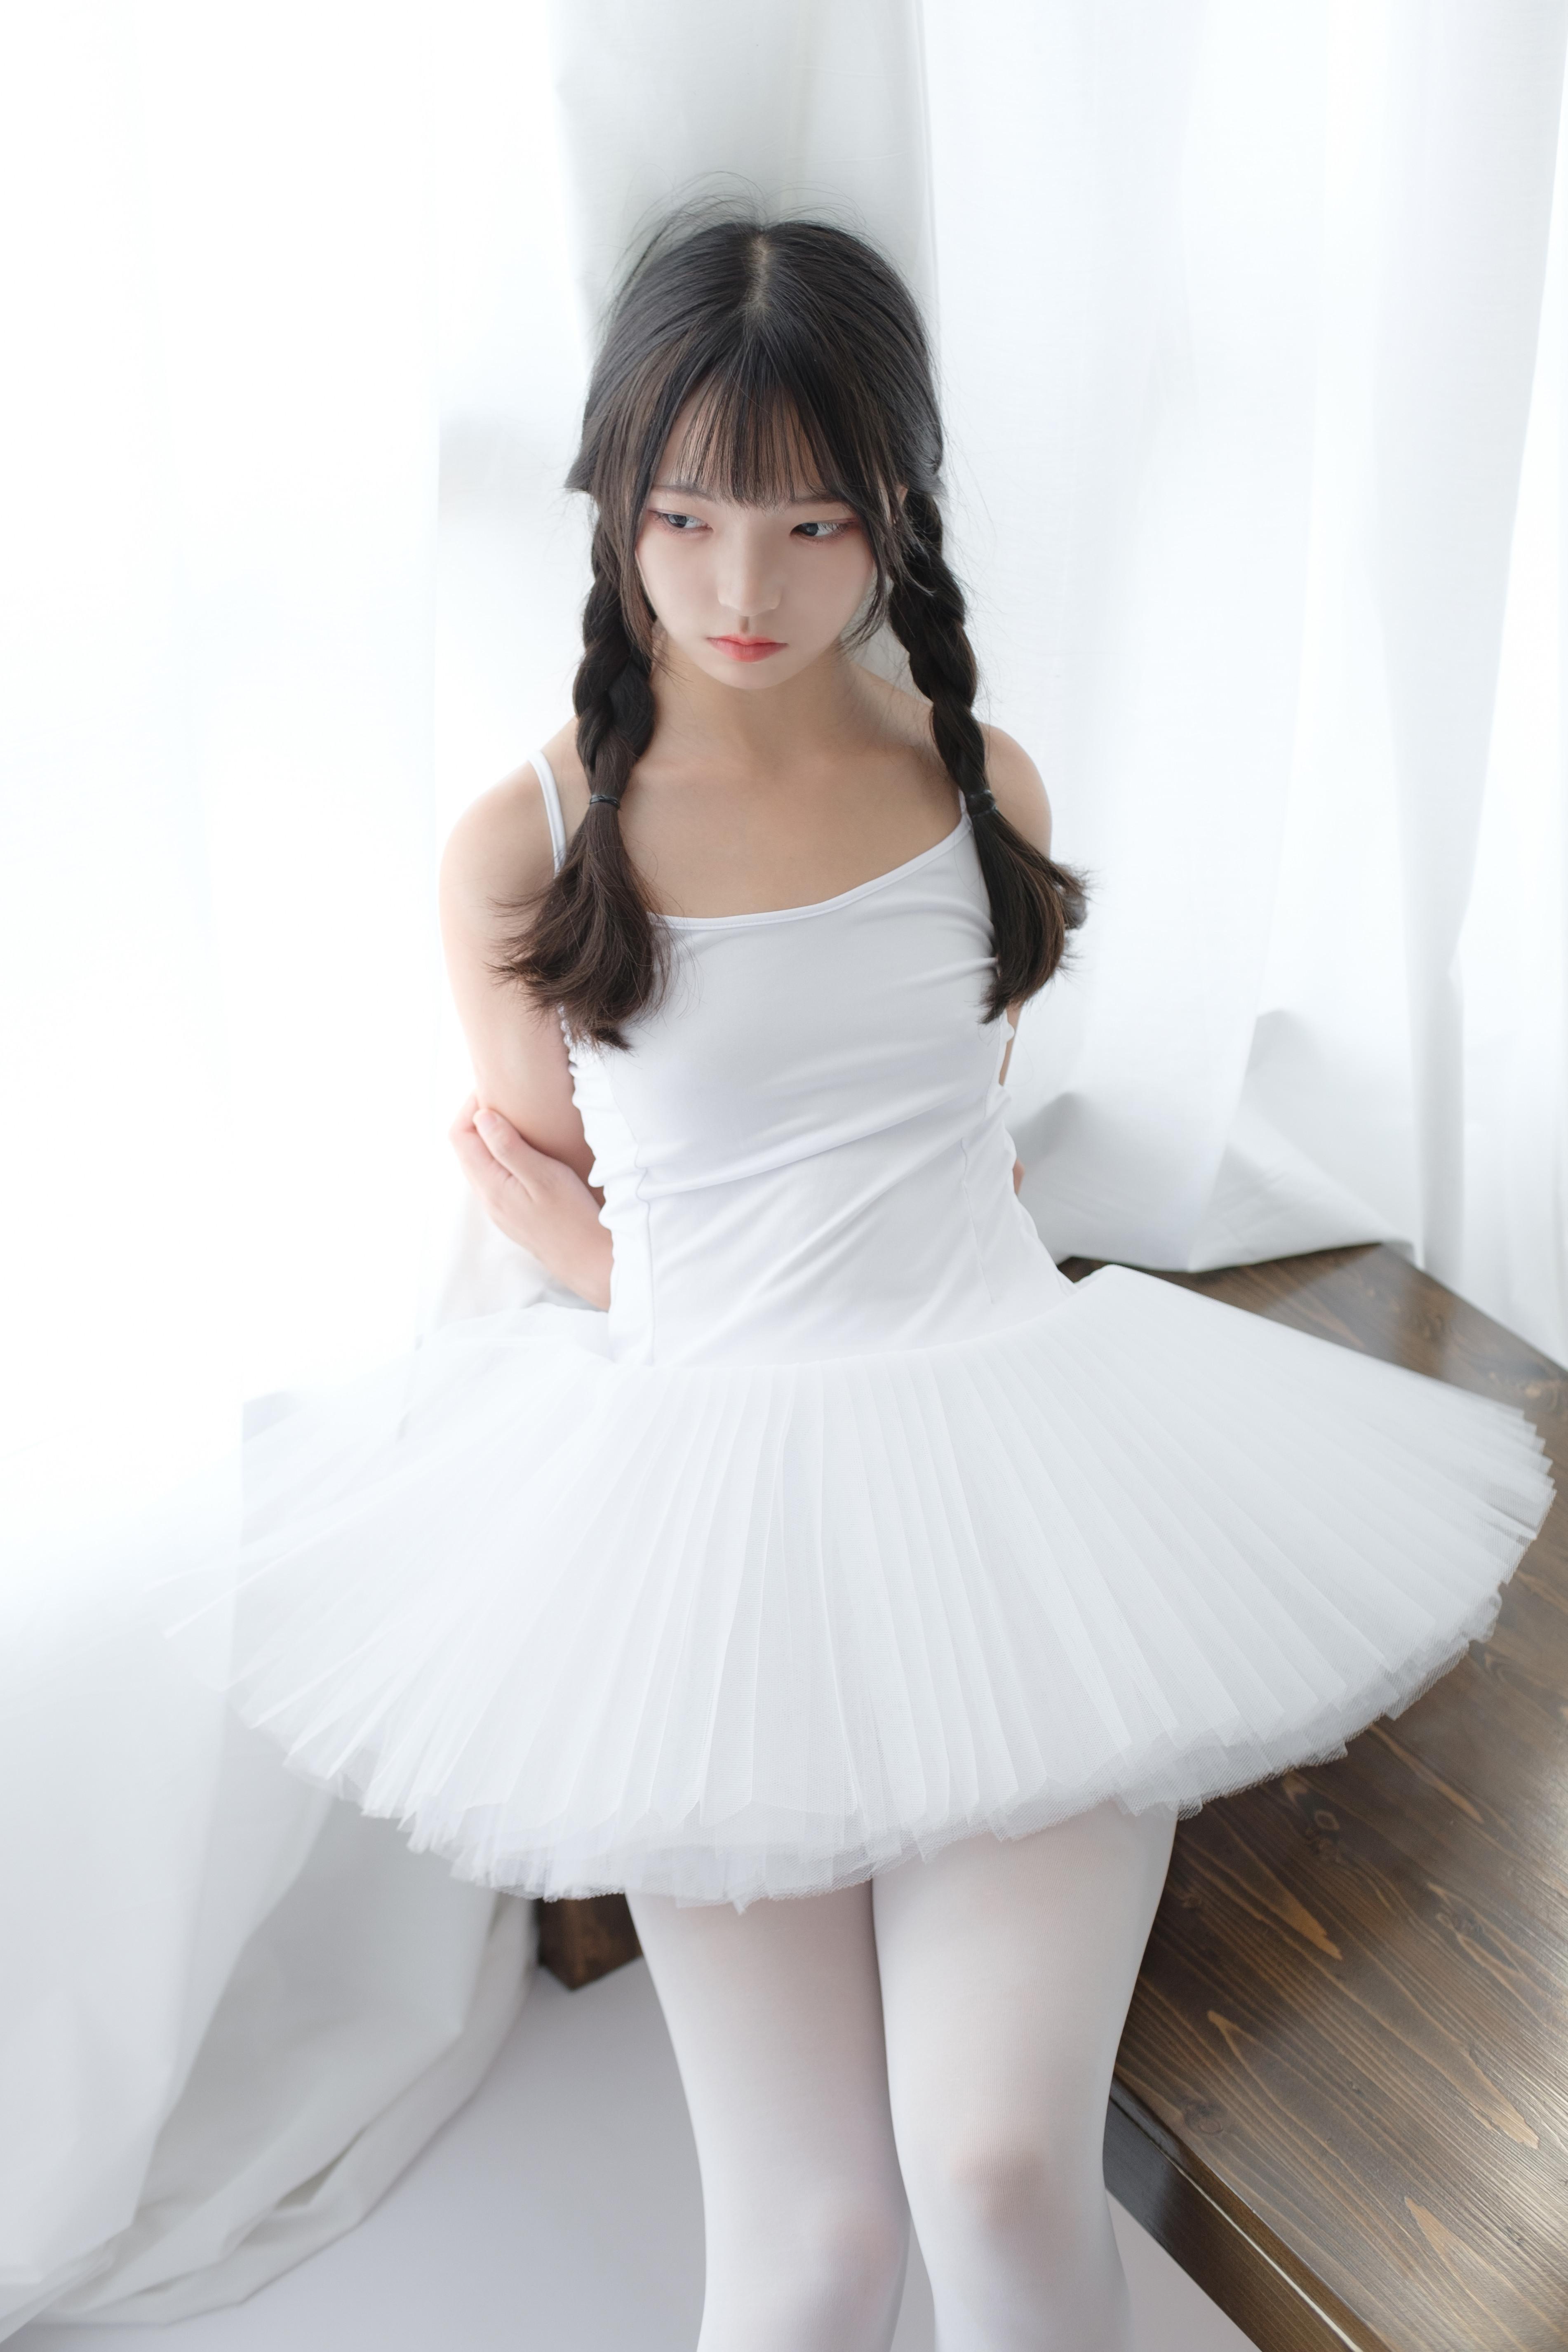 森萝财团 X-042 无水印(芭蕾舞的小天使,发觉现实中的美~~~)